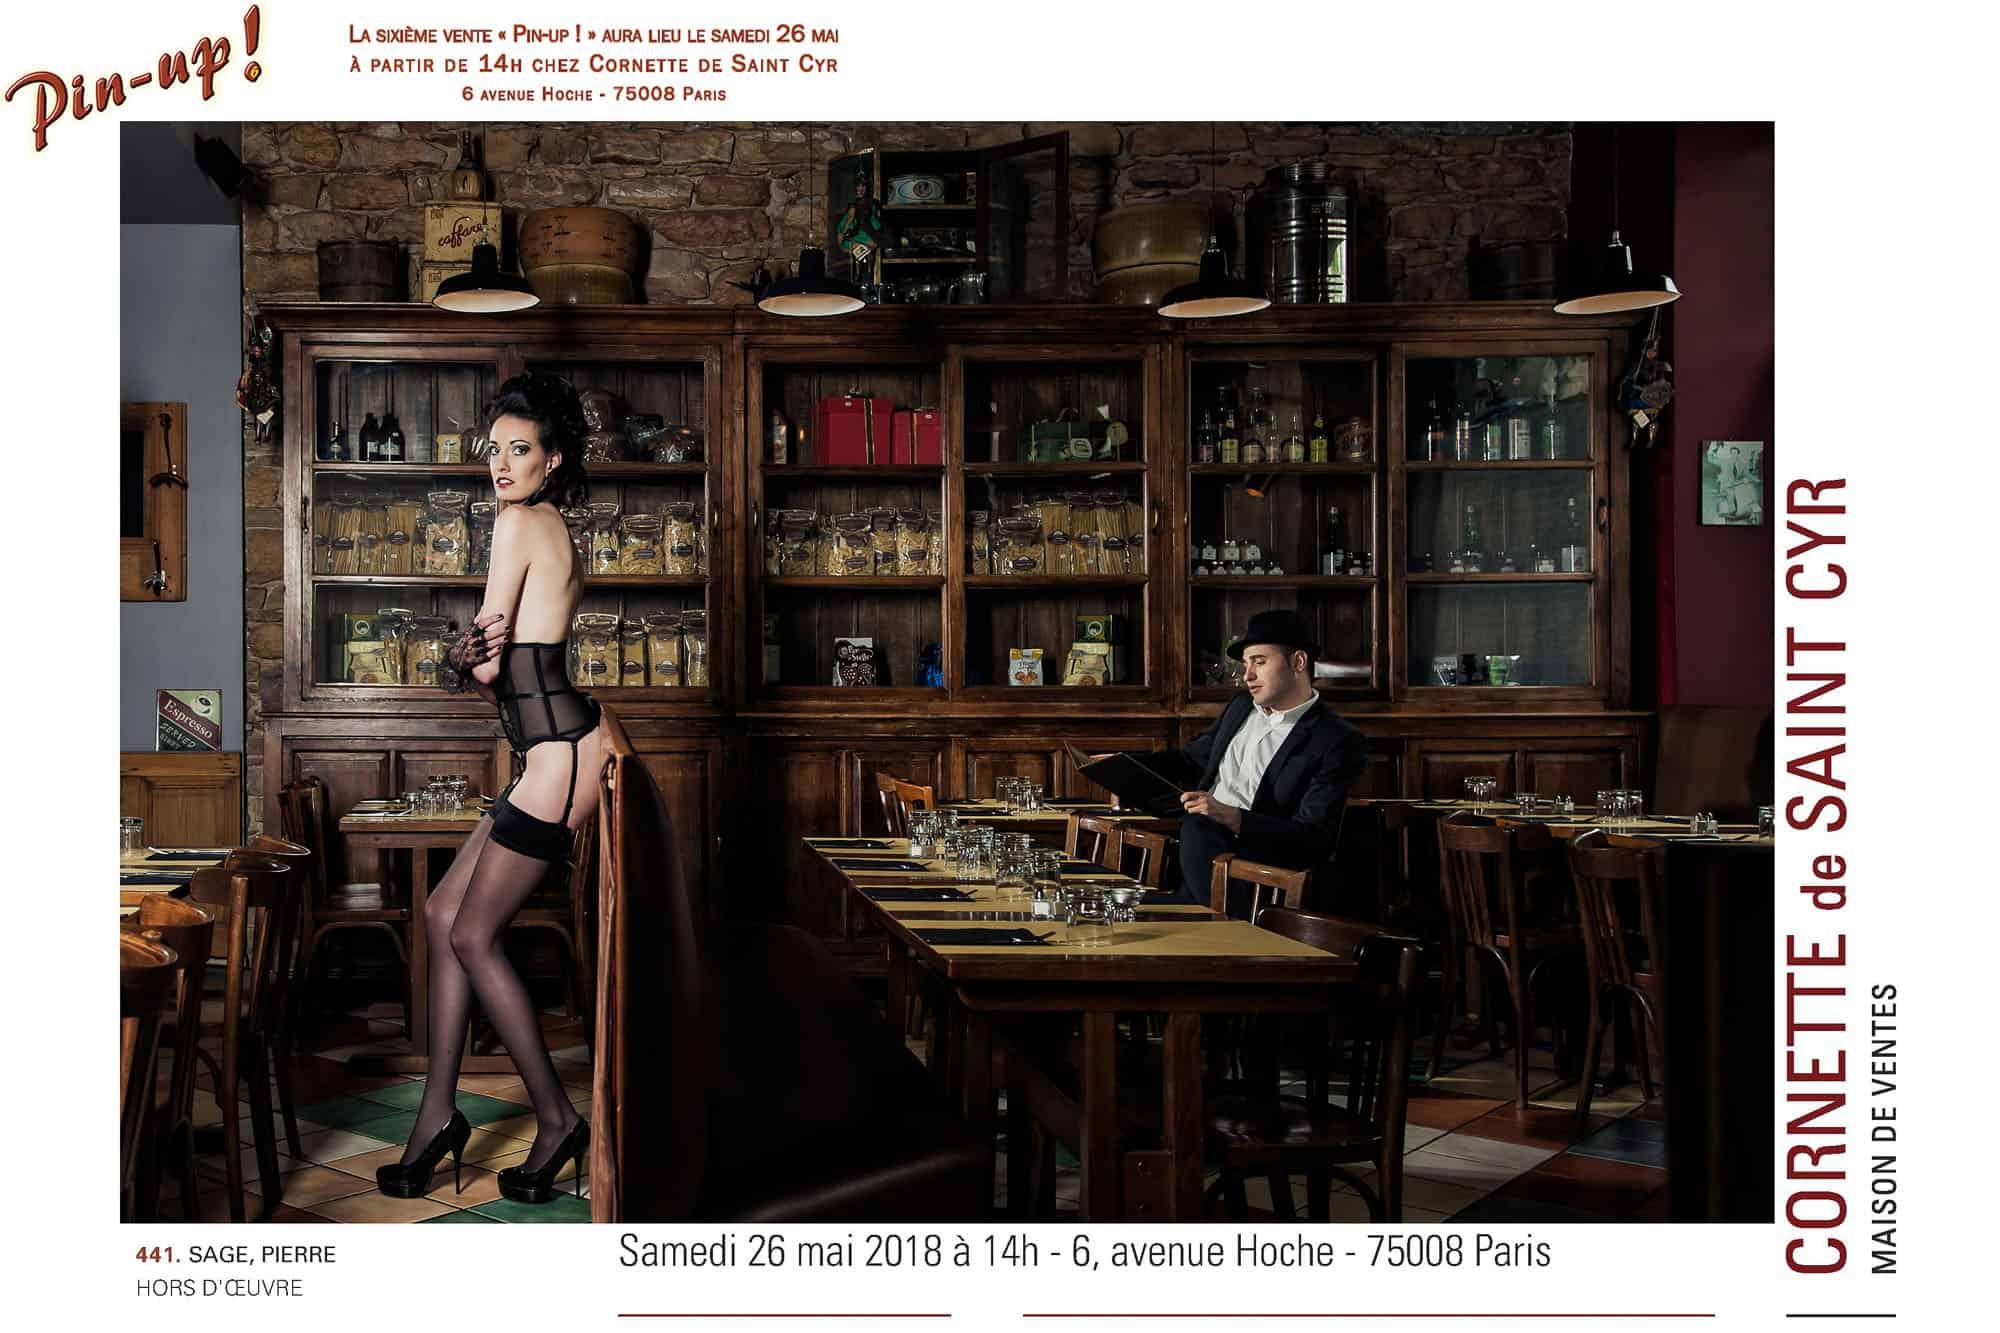 92493870c34 Le catalogue PIN UP · Pierre SAGE Exposition Cornette de Saint Cyr